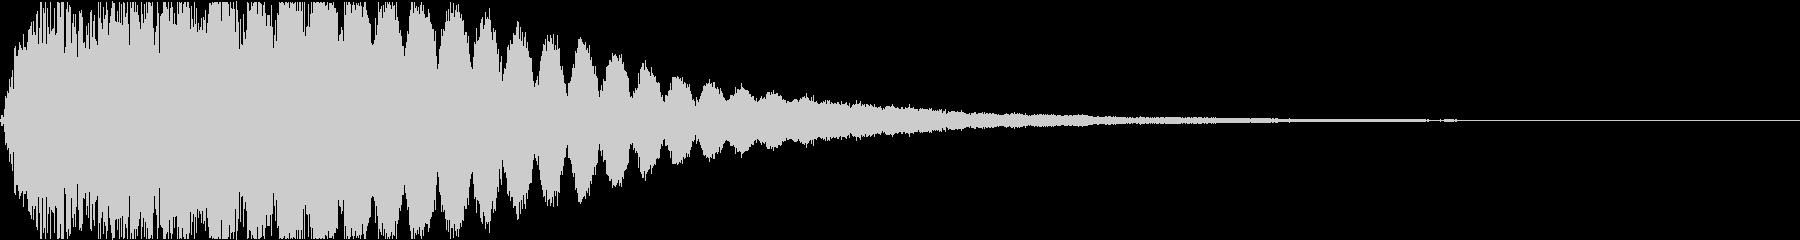 キュイン ギュイーン シャキーン 04の未再生の波形